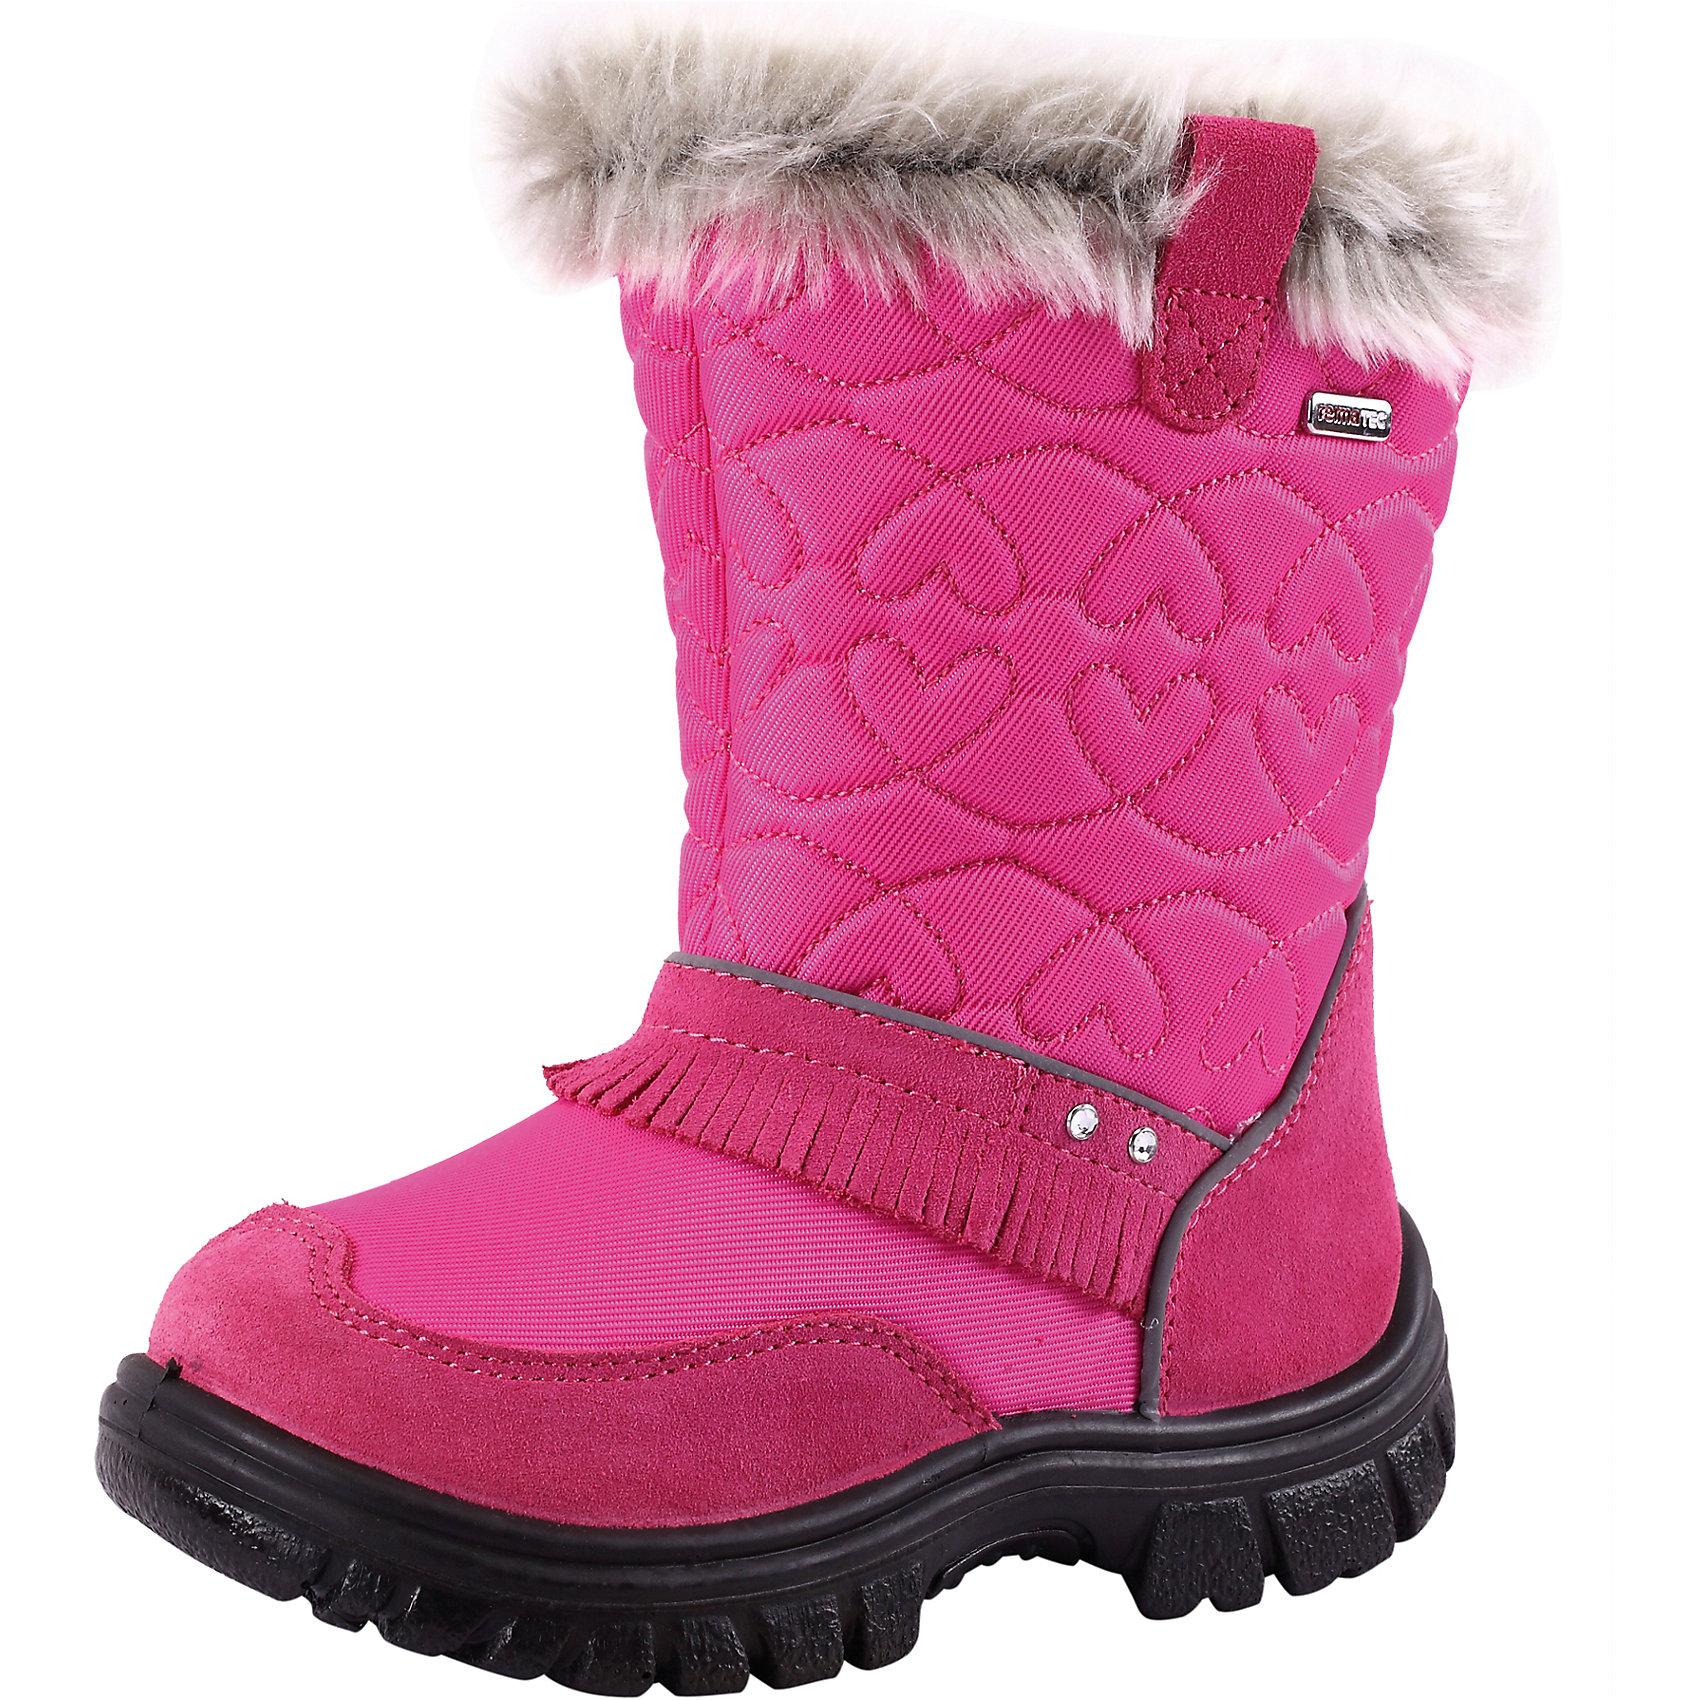 Ботинки для девочки Reimatec® ReimaОбувь<br>Ботинки Reimatec (Рейматек) для девочки от популярной финской марки Reima.<br>Состав:<br>Подошва: ПУ, Верх: 75% ПА 25% Кожа<br><br>Особенности:<br>мягкие и удобные зимние ботинки Reimatec (Рейматек) для маленьких принцесс<br>ботинки украшены декоративными стразами с бахромой<br>верх выполнен из натуральной замши и текстиля<br>водонепроницаемые ботинки с подкладкой из искусственного меха сохраняют ноги в тепле и сухости<br>подошва из полиуретана обеспечивает хорошую термоизоляцию<br>съемные стельки помогают подобрать правильный размер<br>светоотражающие детали<br><br>Дополнительная информация:<br><br>Температурный режим: до -20<br><br>Ботинки для девочки Reimatec (Рейматек) Reima (Рейма) можно купить в нашем магазине.<br><br>Ширина мм: 257<br>Глубина мм: 180<br>Высота мм: 130<br>Вес г: 420<br>Цвет: розовый<br>Возраст от месяцев: 24<br>Возраст до месяцев: 24<br>Пол: Женский<br>Возраст: Детский<br>Размер: 25,33,32,34,30,27,26,28,31,24<br>SKU: 3925348